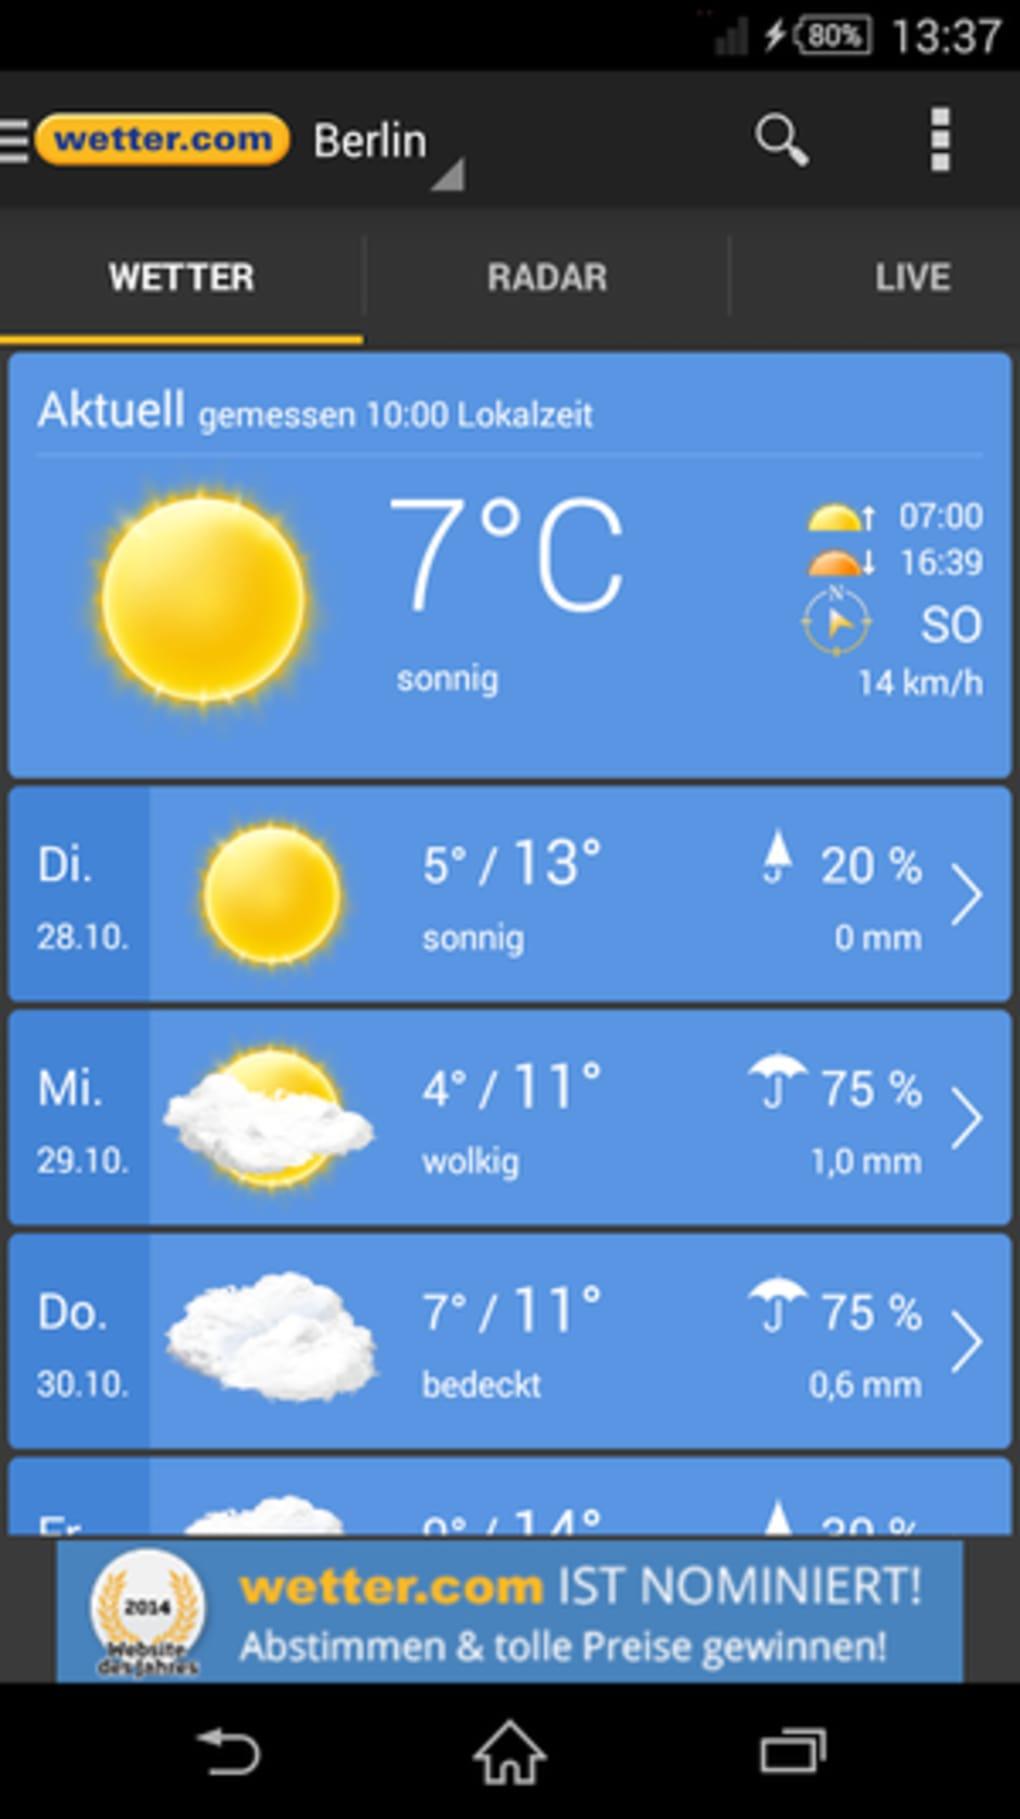 Www.Wetter.Comn